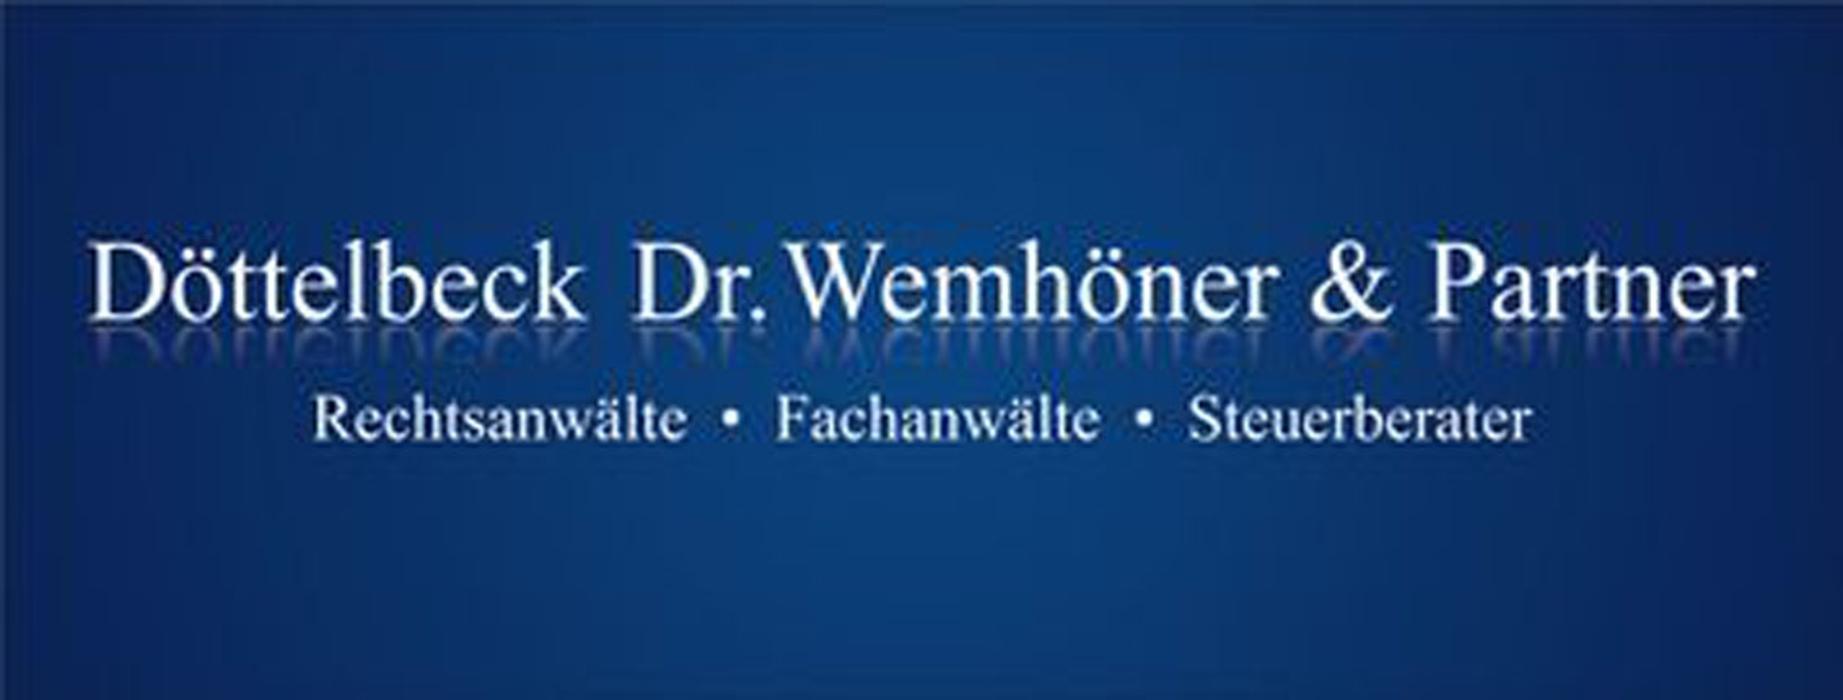 Bild zu Döttelbeck Dr. Wemhöner & Partner - Rechtsanwälte · Steuerberater in Prenzlau